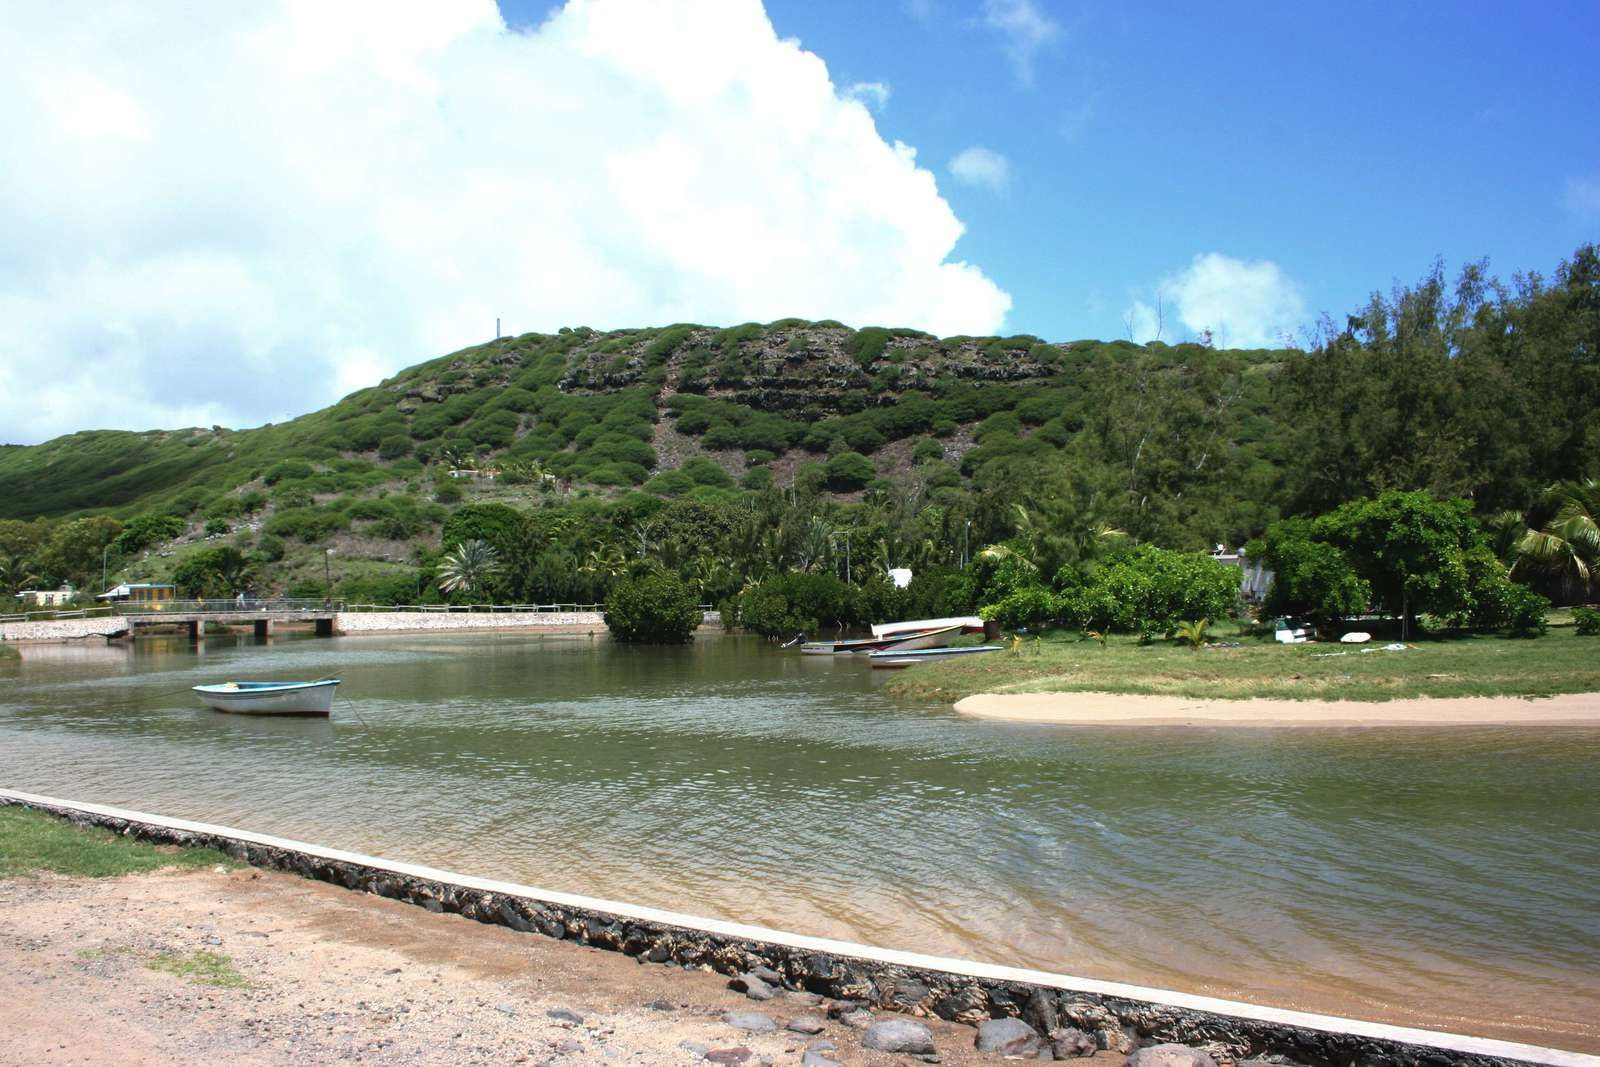 238 - L'île Rodrigues 04, balade de Grand-Baie à la pointe aux Cornes, Baladirou, Océan Indien, photos 2013 GeoMar